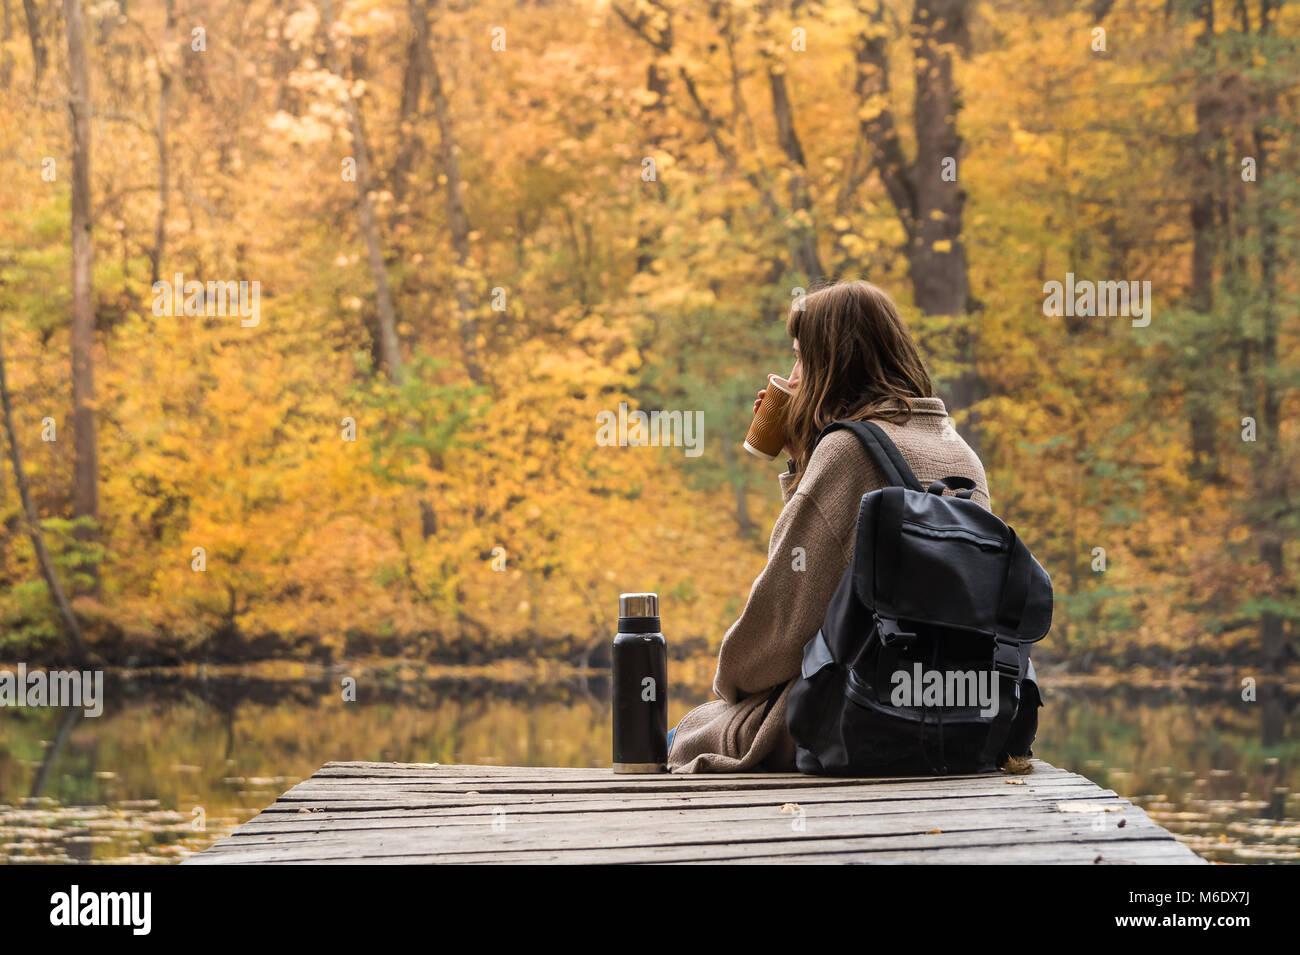 Mädchen in Ruhe und heißes Getränk aus der Thermoskanne in der Nähe des Sees bei der Natur Park Stockbild